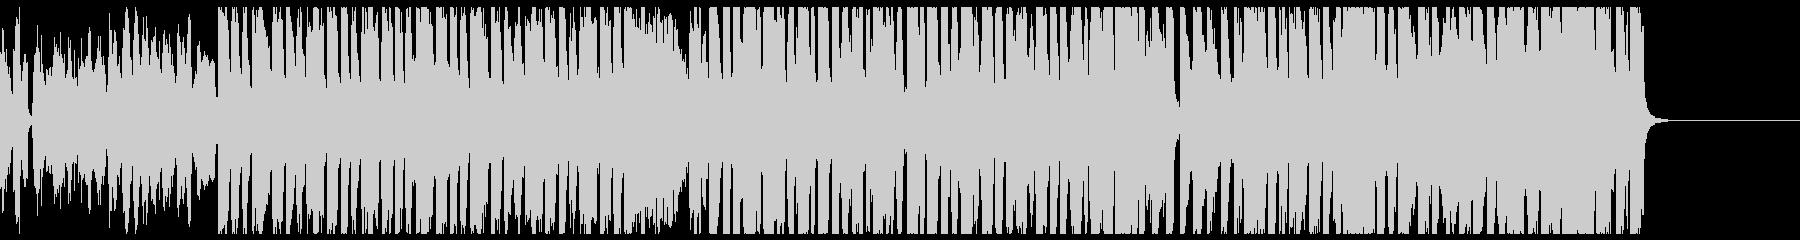 踊りたくなるフュージョンナンバーの未再生の波形